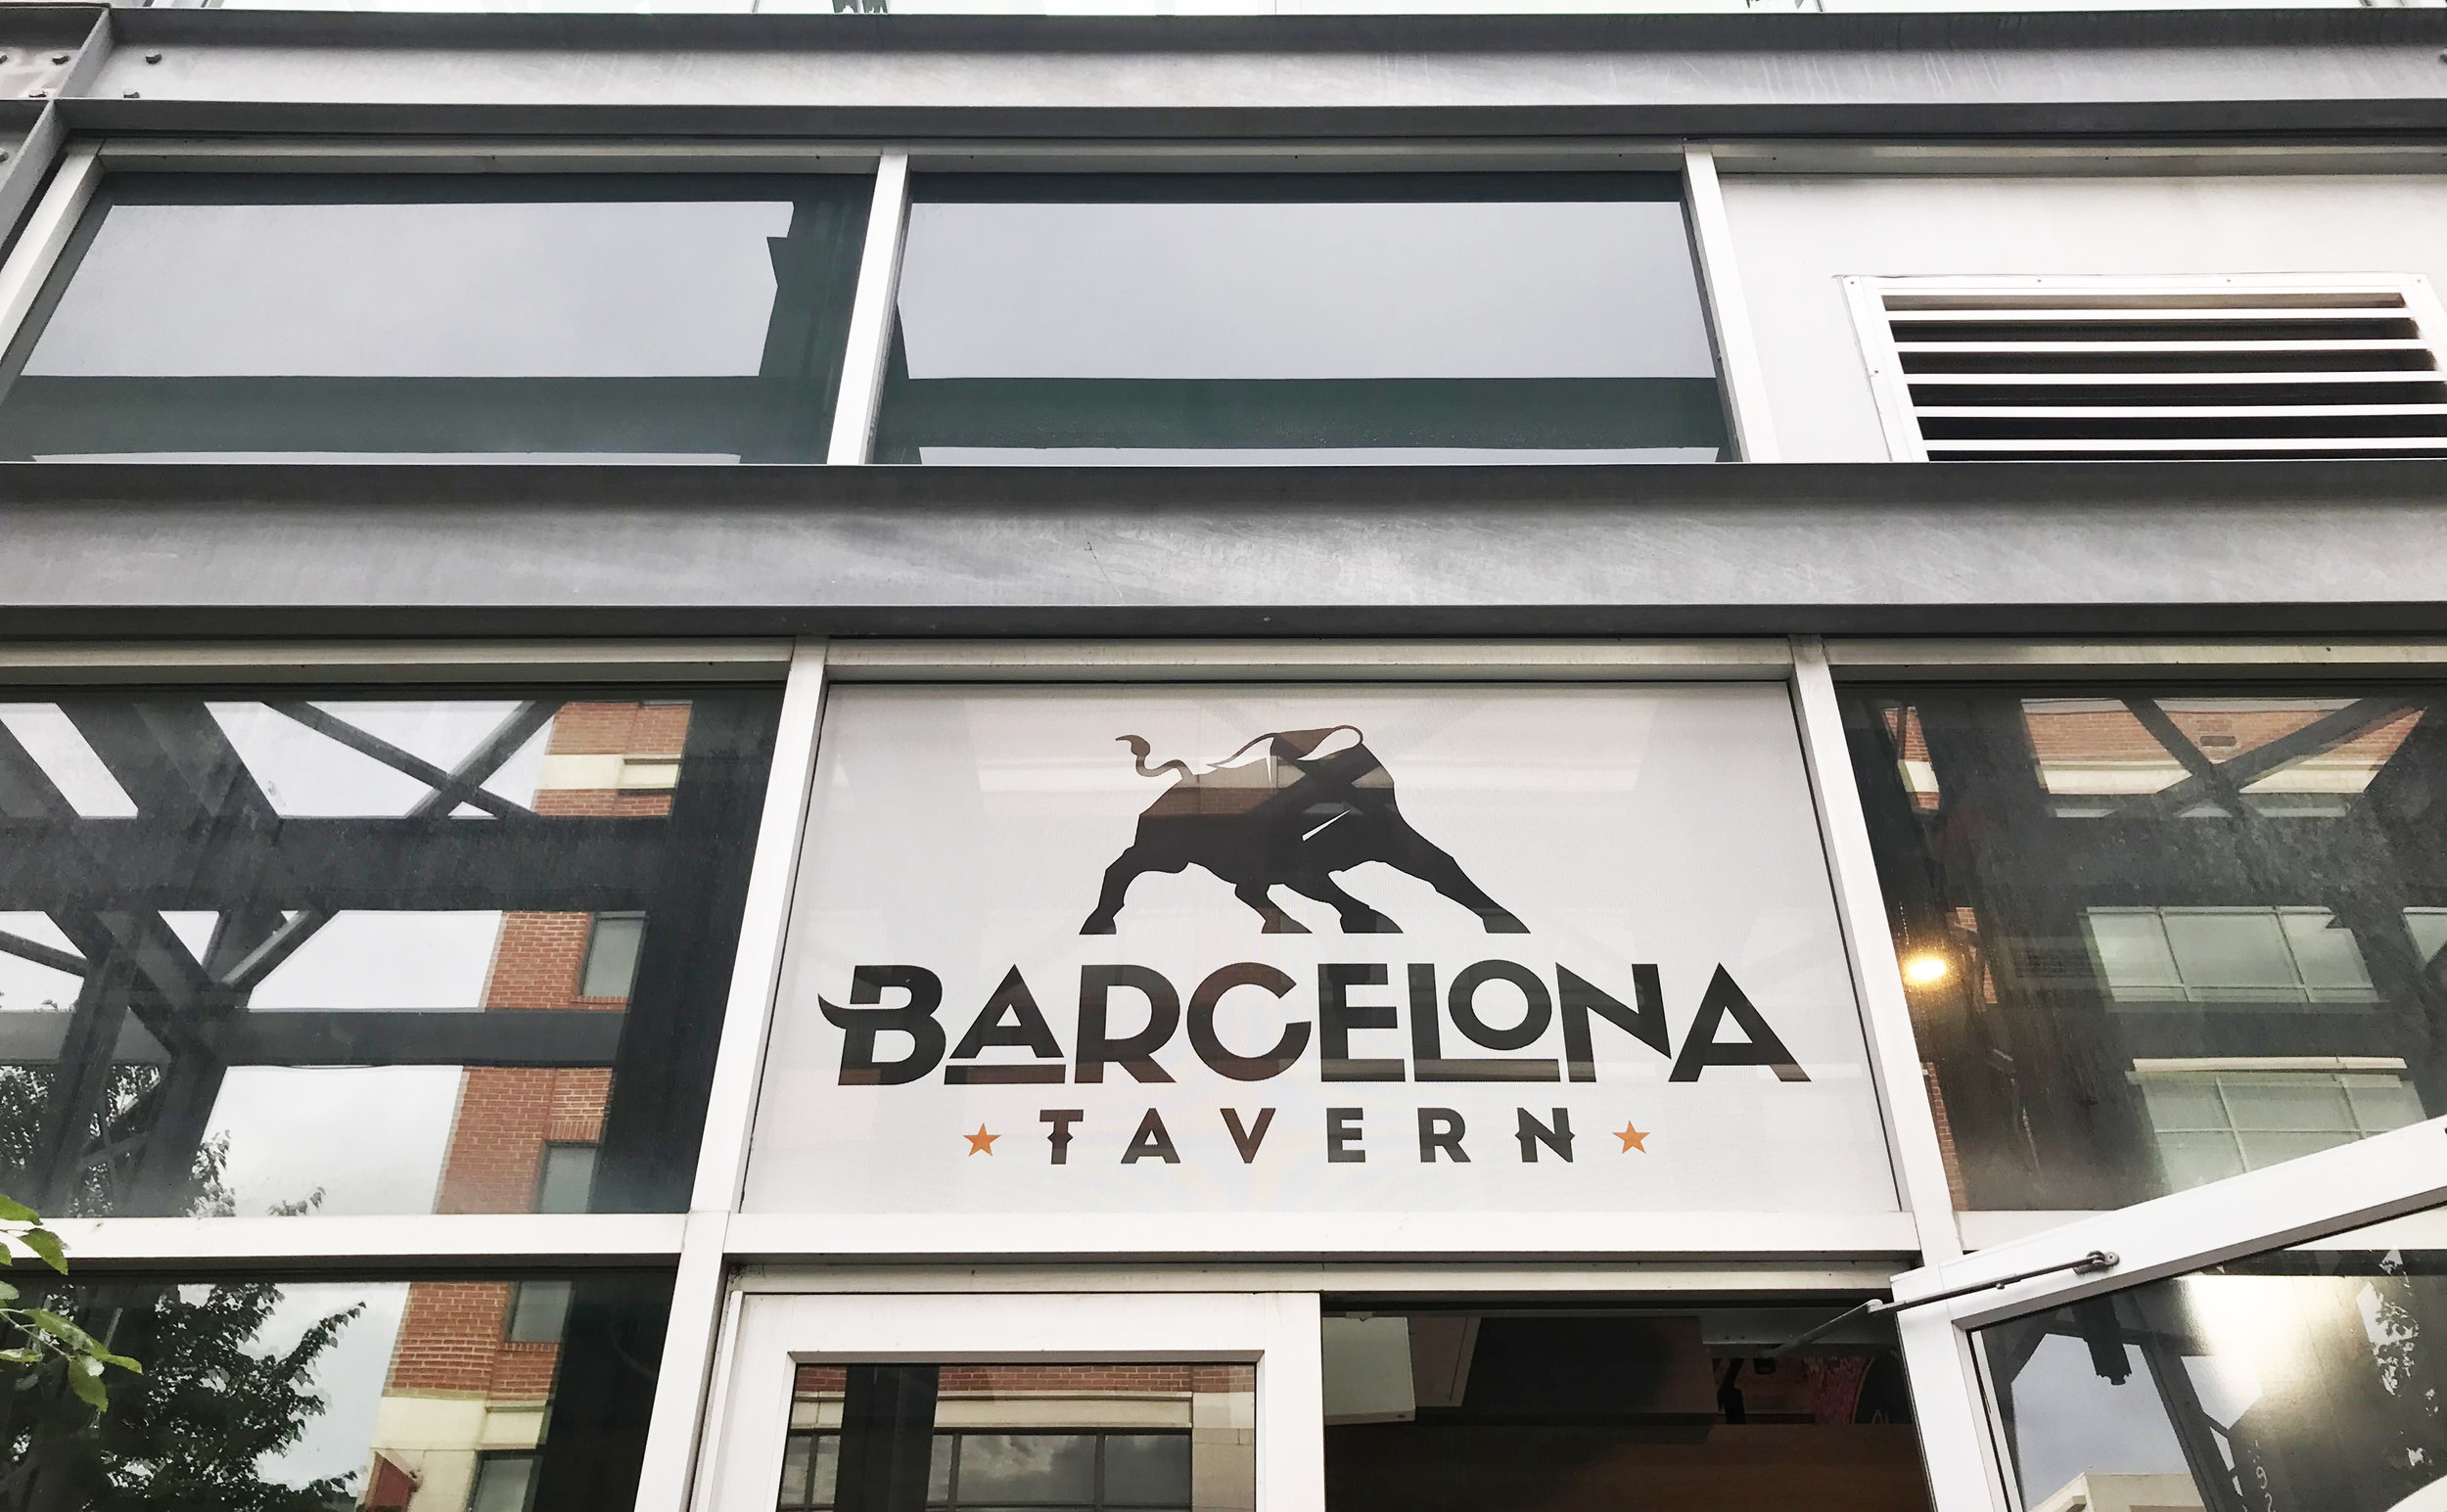 Casabarcelona_Entry.jpg